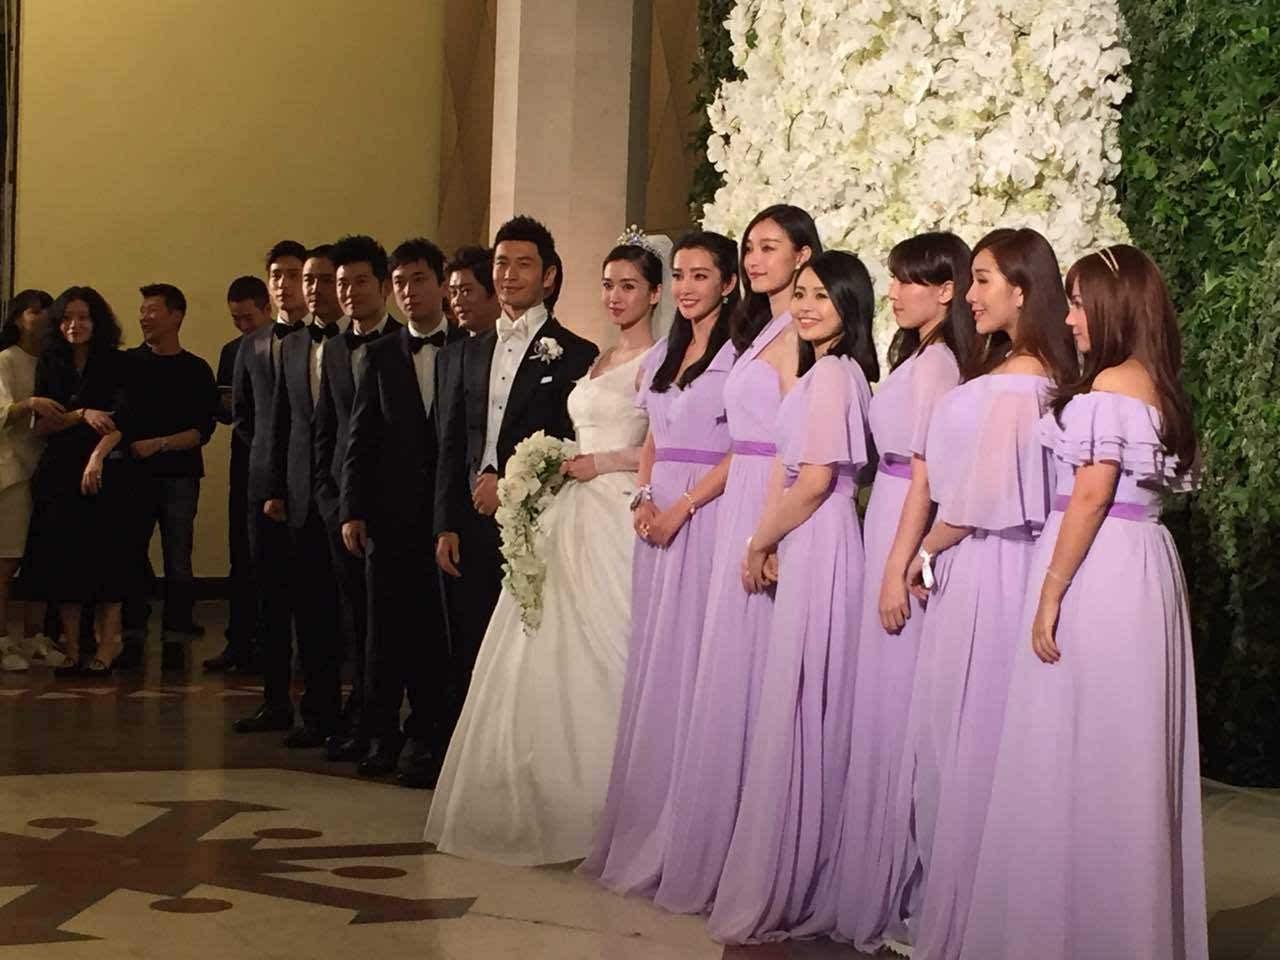 婚礼红毯 任泉李冰冰携伴郎伴娘团现身